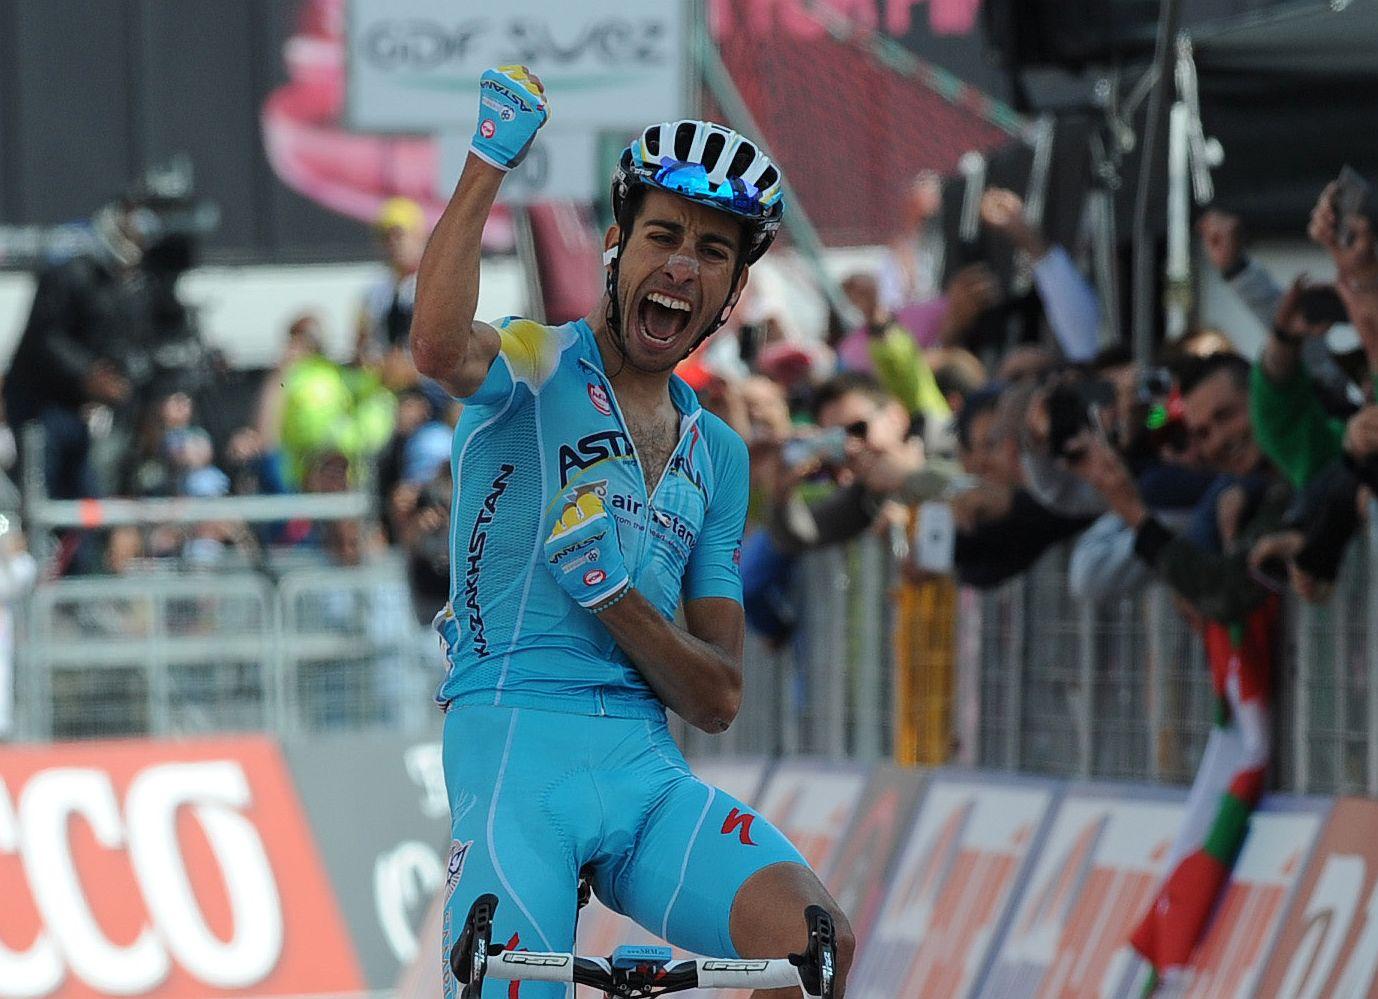 Aru győzelme (Fotó: Stefano Sirotti)